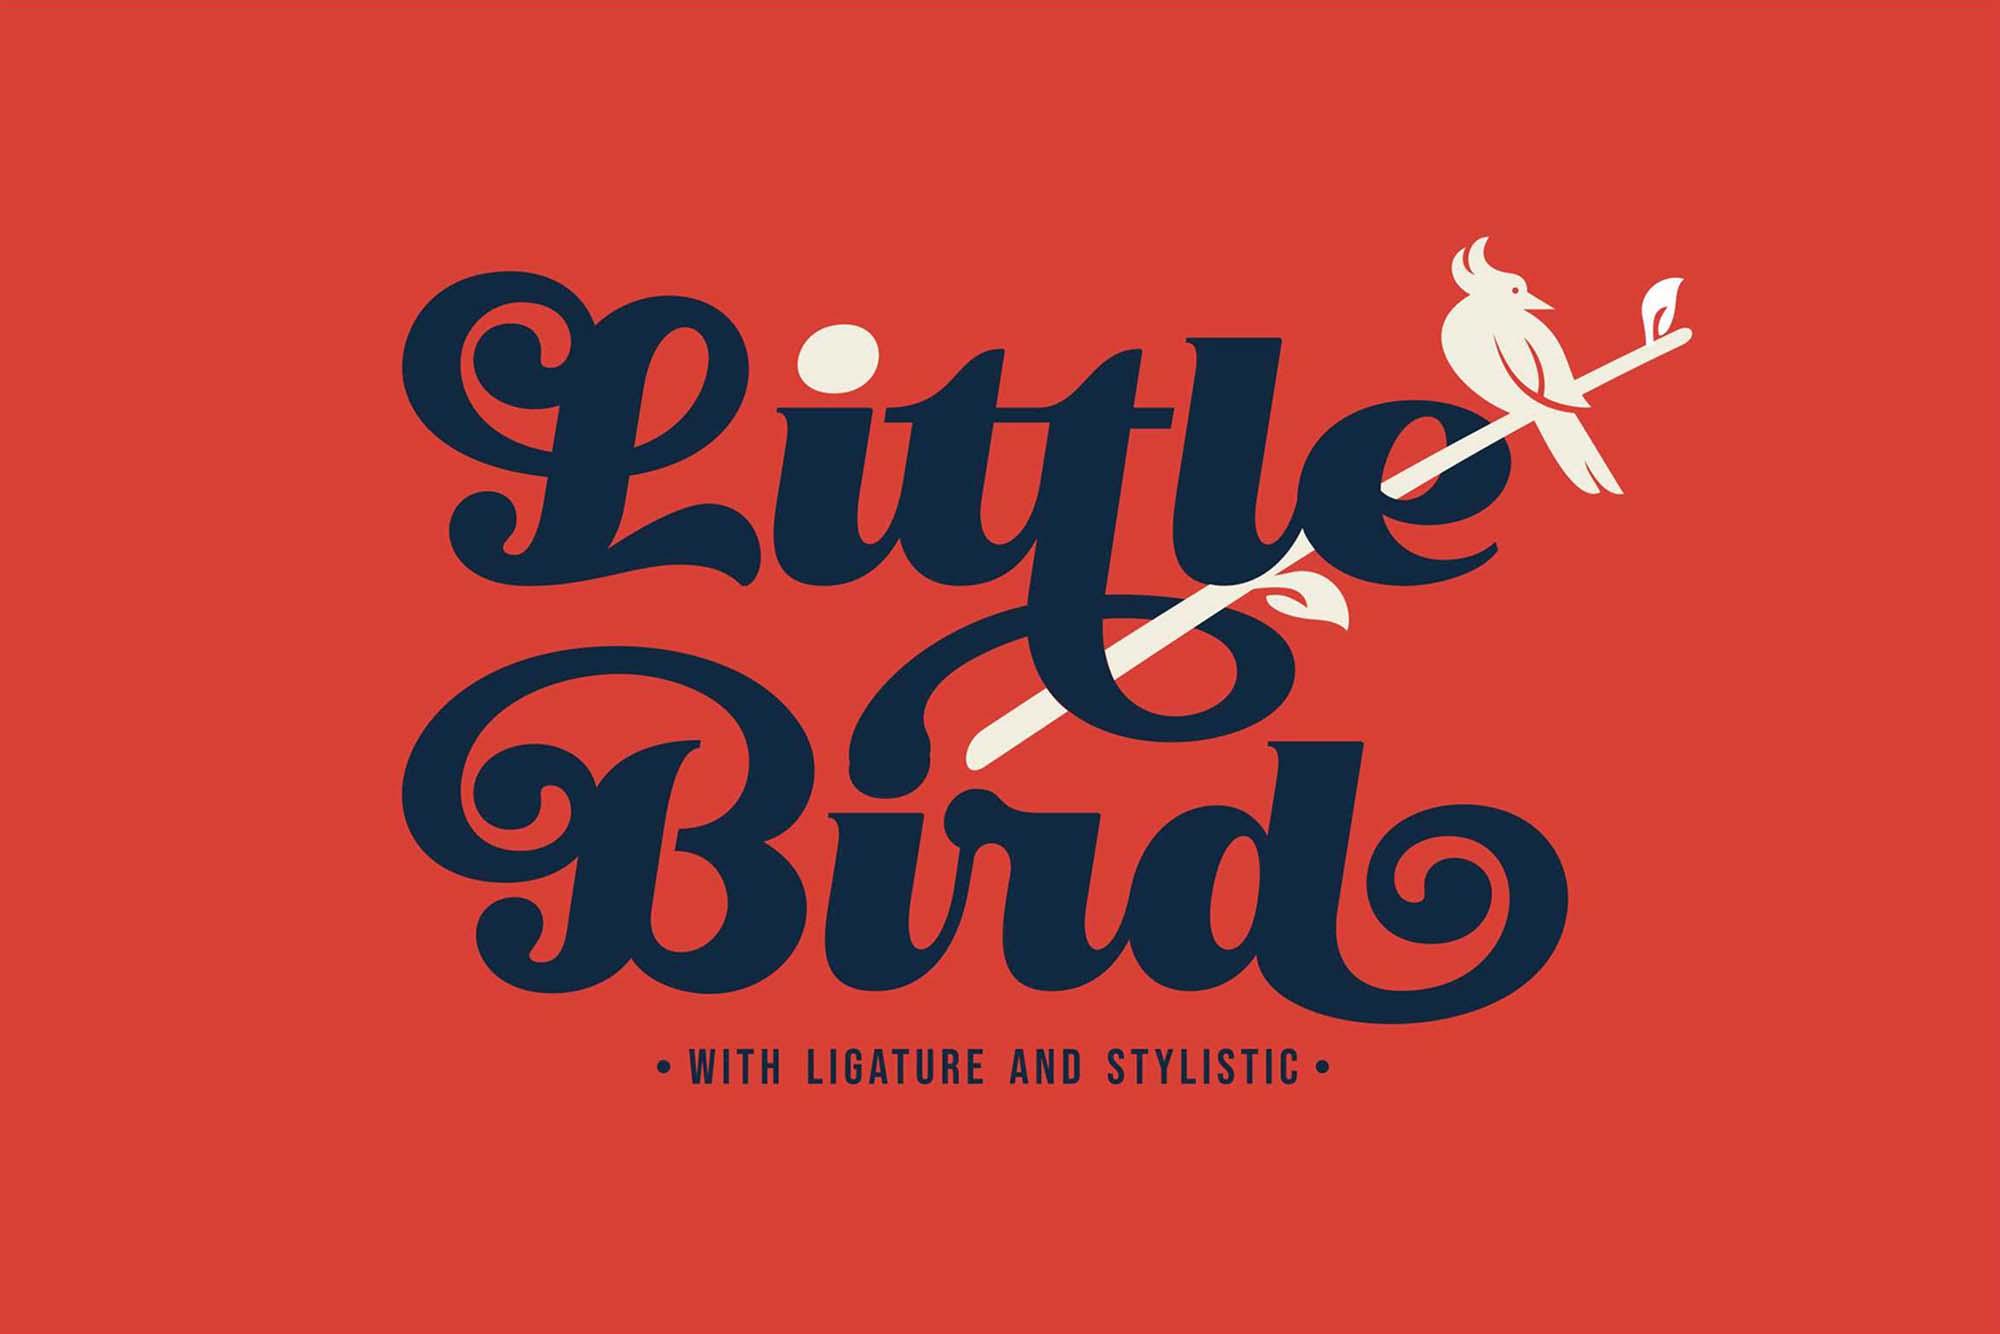 Little Bird Script Font 8